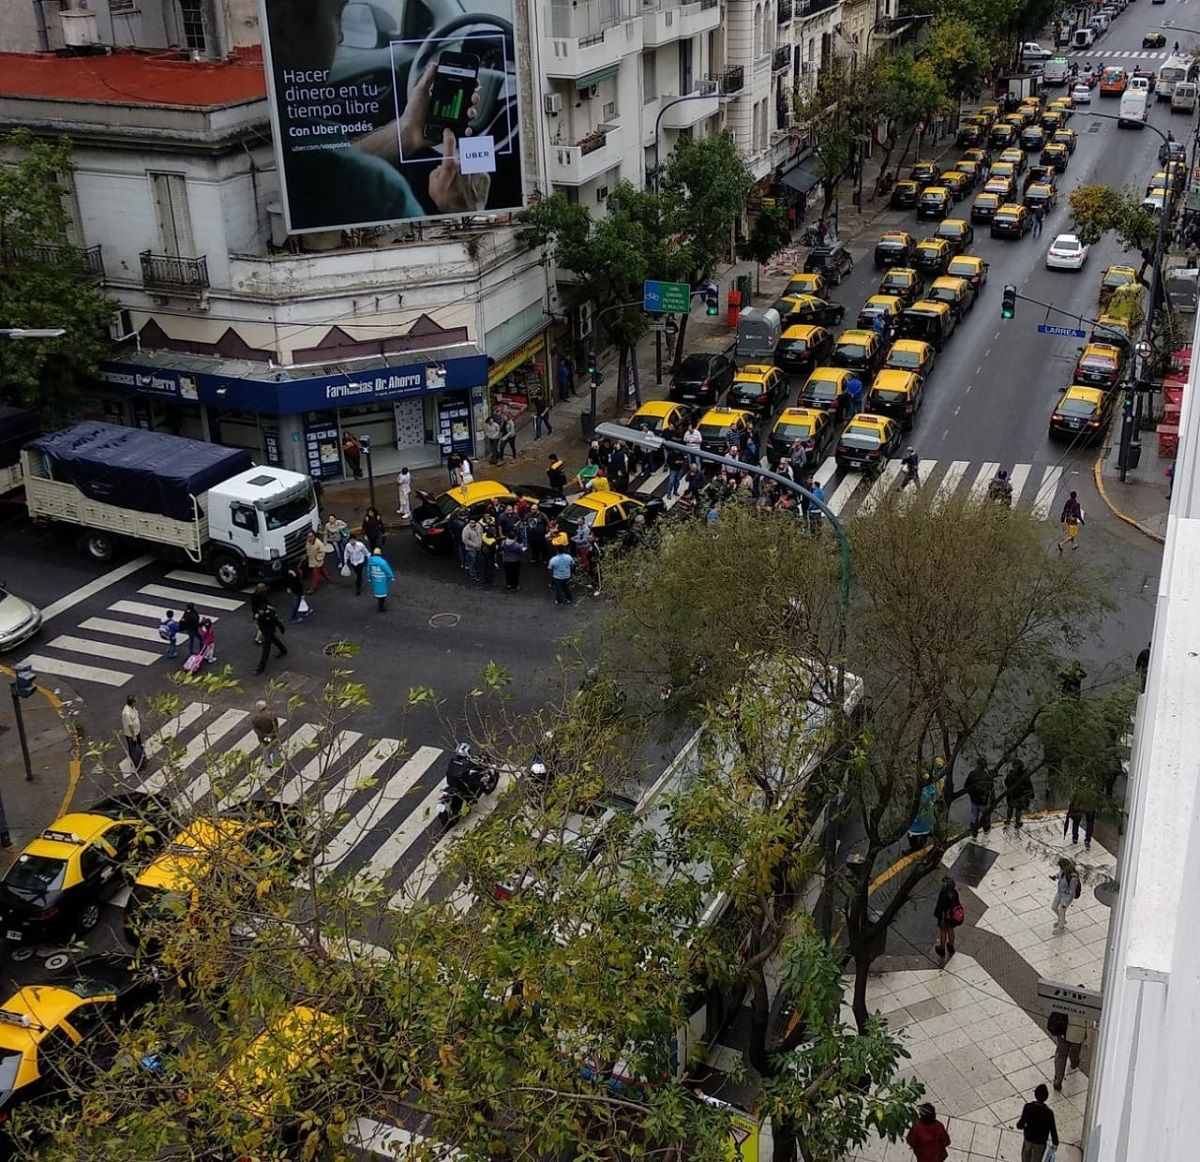 Taxistas cortarán Corrientes y Callao en protesta contra Uber